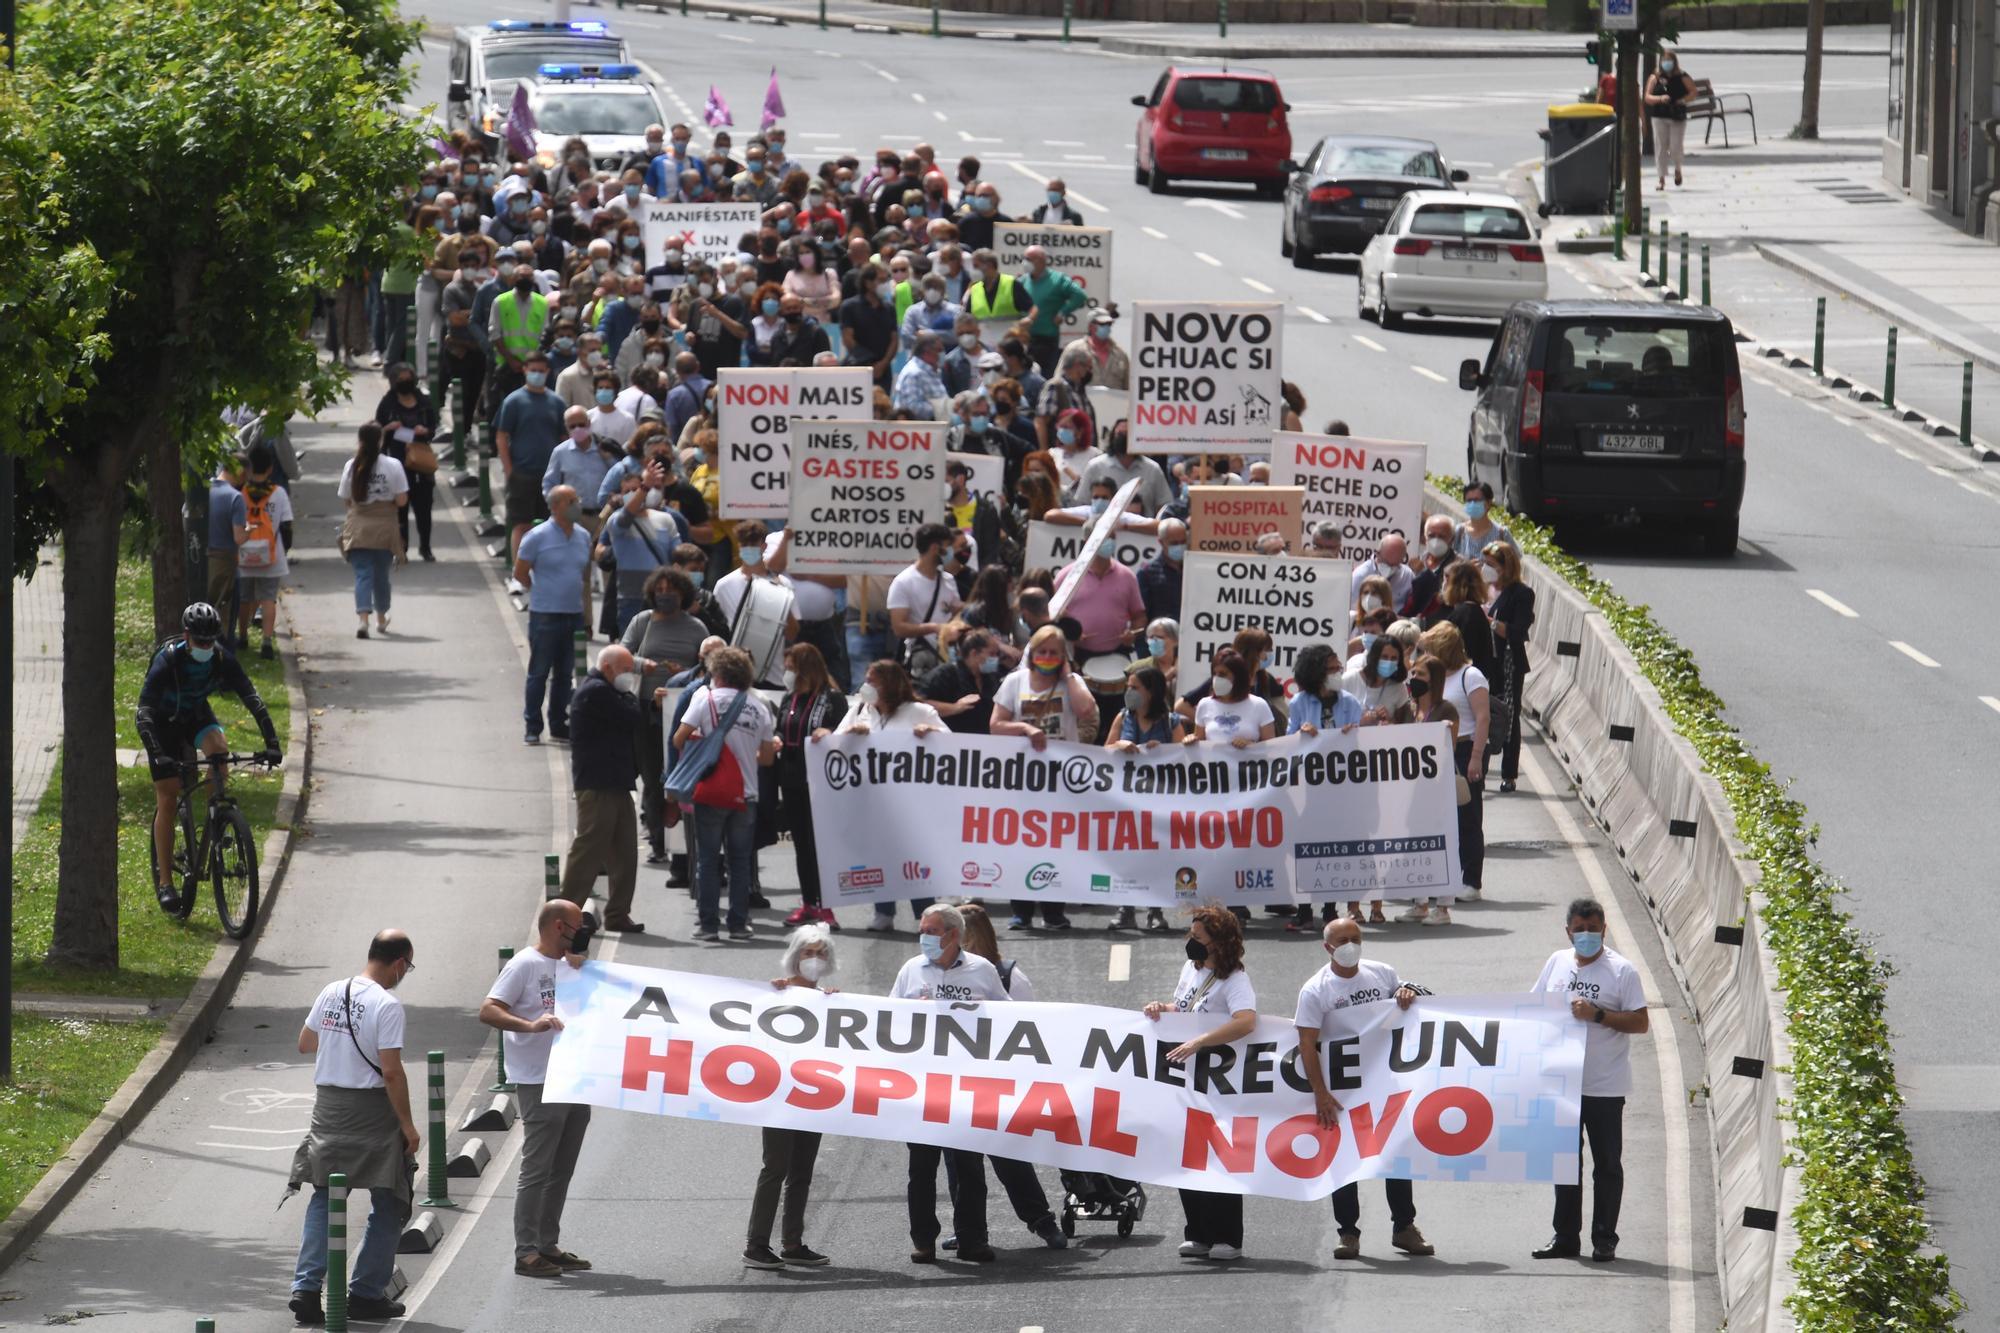 Manifestación en A Coruña para exigir un nuevo hospital